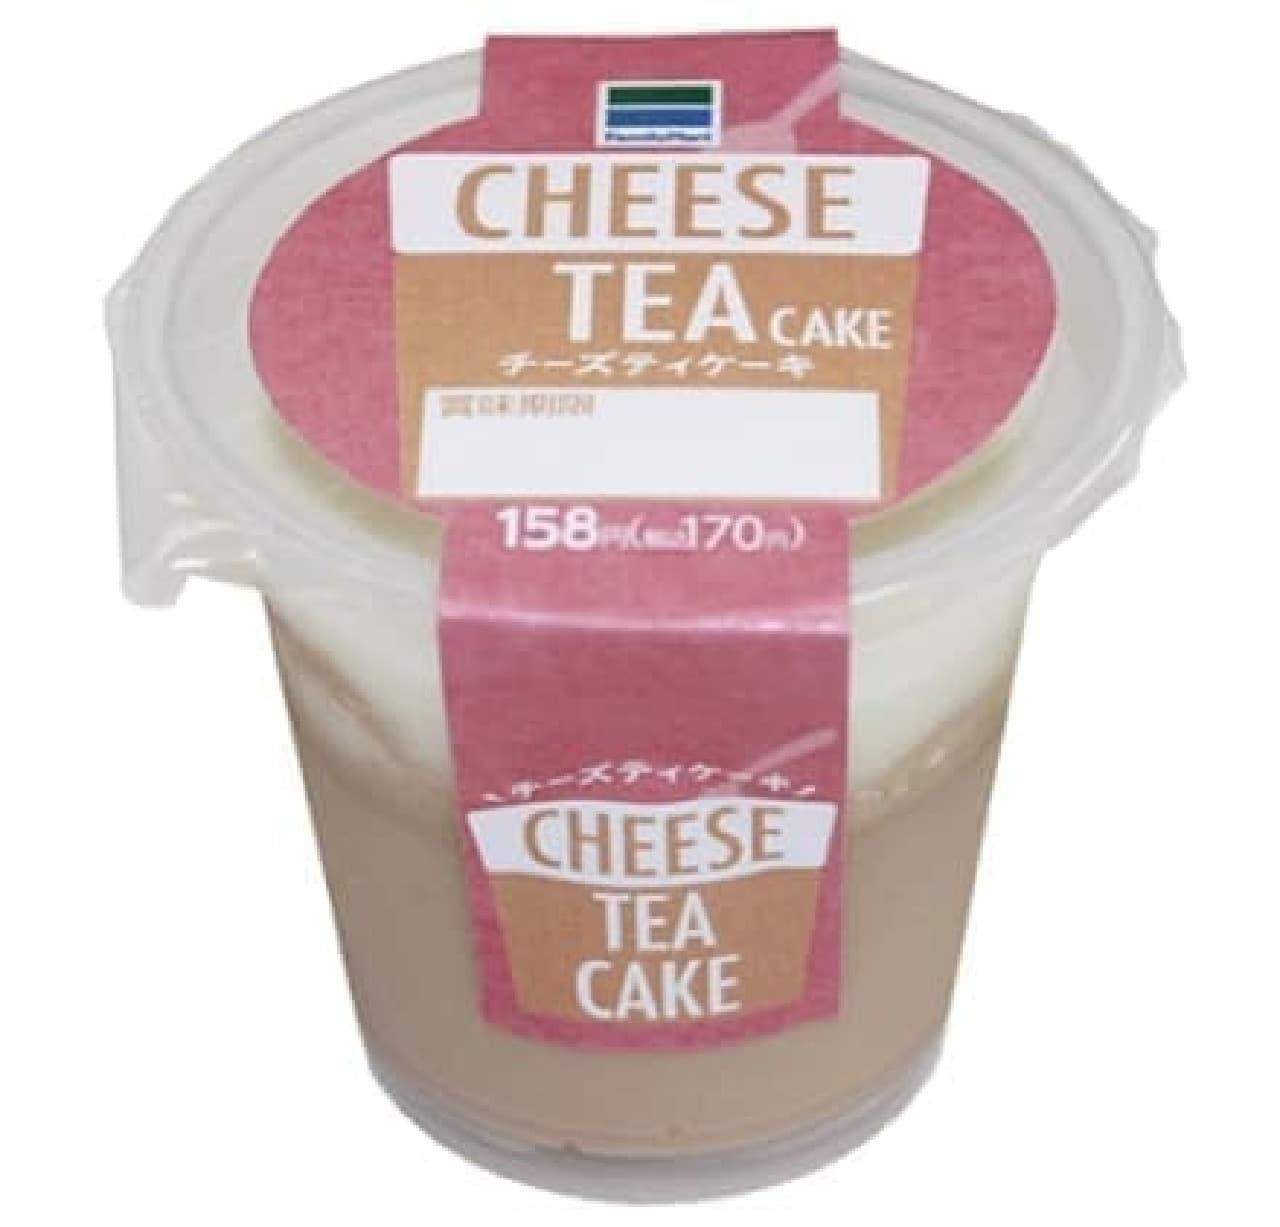 ファミリーマート「チーズティーケーキ」